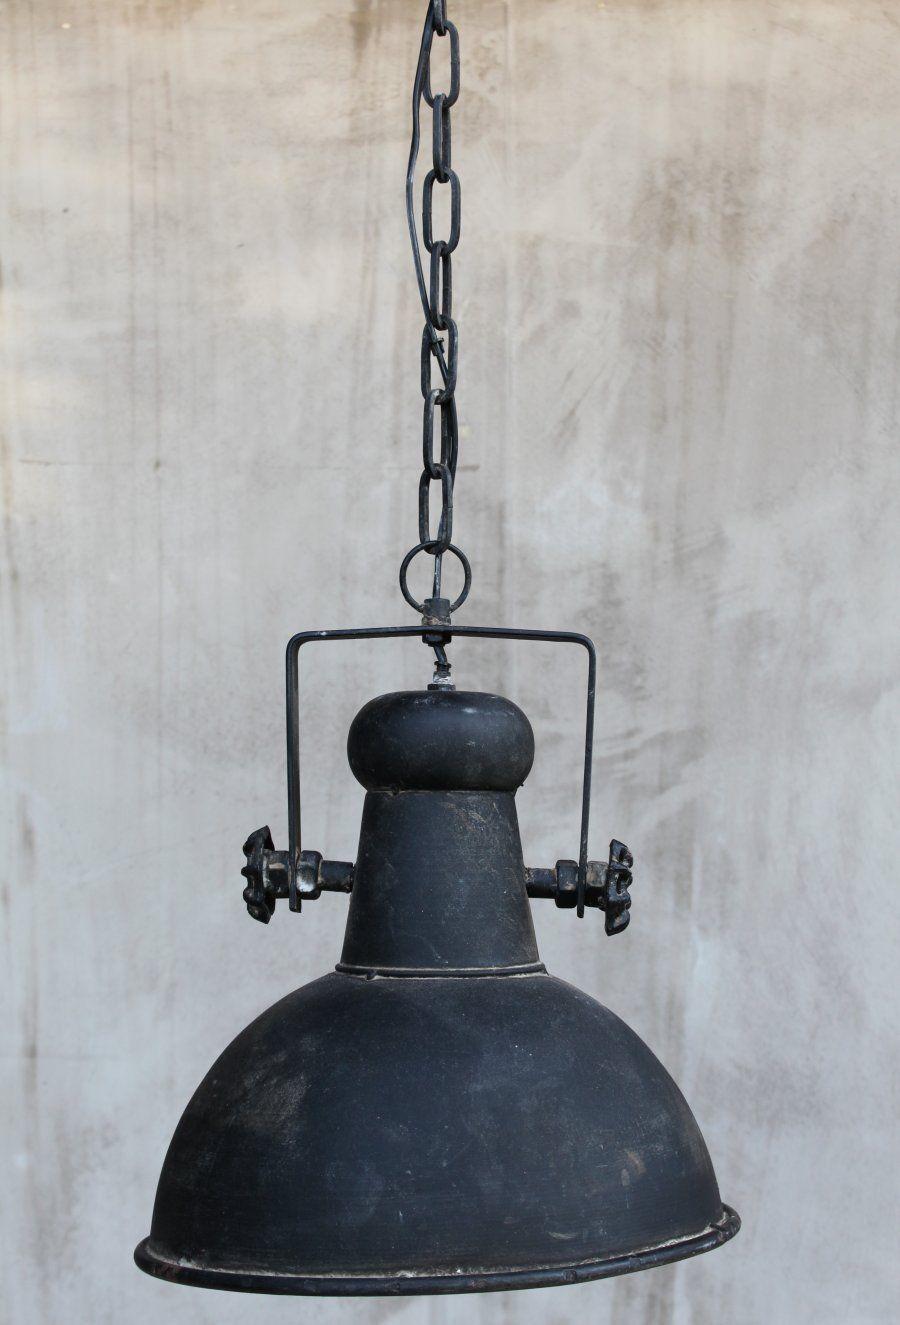 Full Size of Landhaus Küche Lampe Industrielampe Modern Design Deckenlampe Hngelampe Factory Tapete Rosa Billig Kaufen Apothekerschrank Miniküche Mit Kühlschrank Wohnzimmer Landhaus Küche Lampe